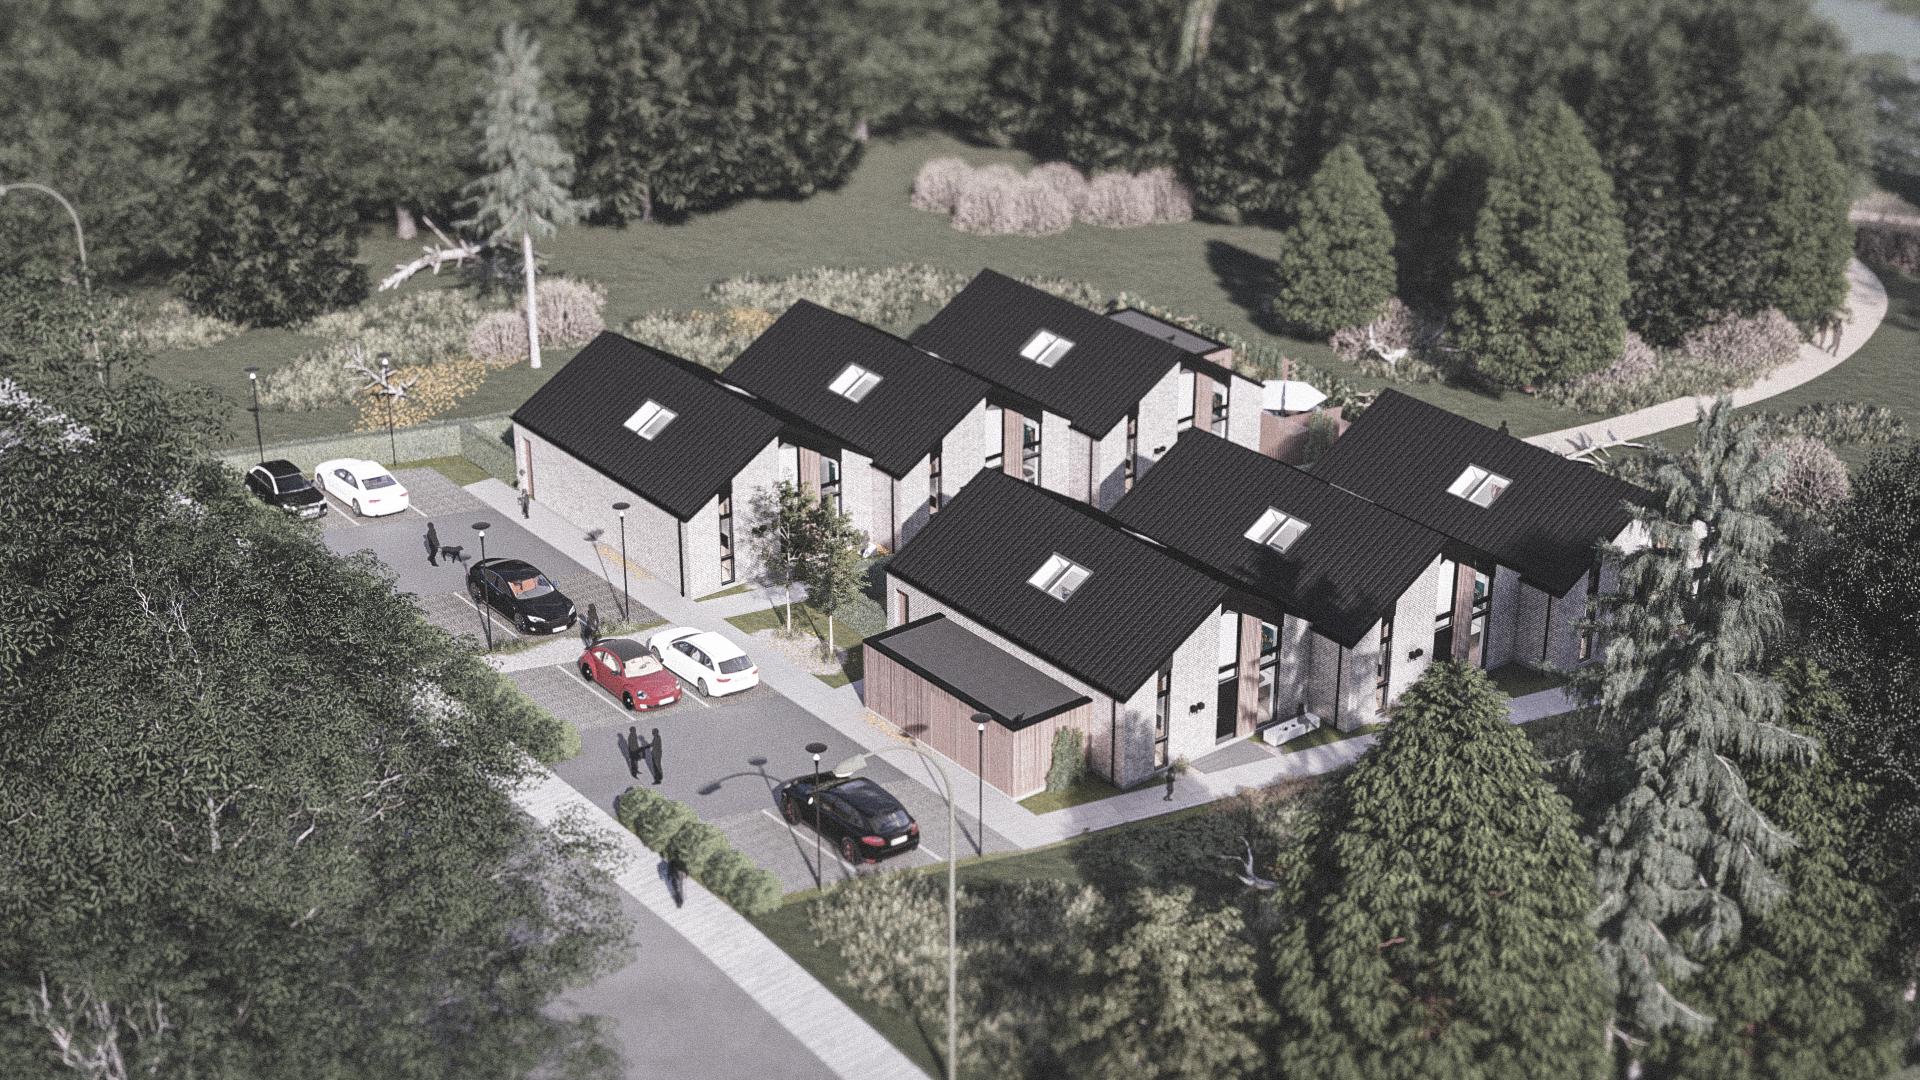 Billede af et arkitekt tegnet projektforslag af 6 nye drømme boliger i Glostrup, af det danske arkitektfirma m2plus